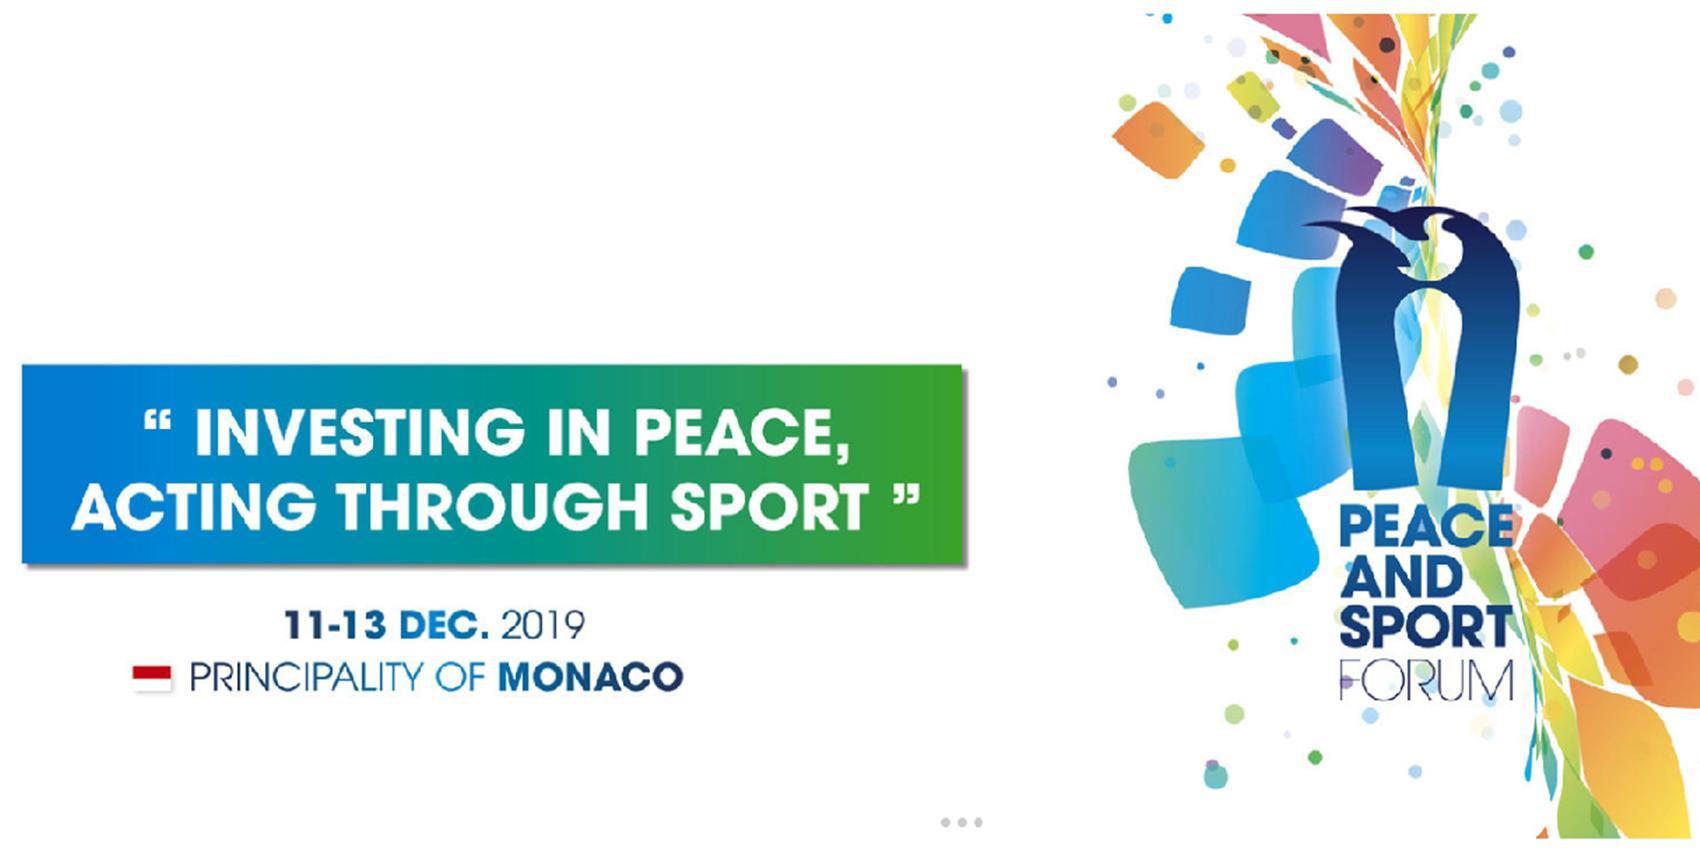 Coupe Du Monde2020 Eliminatoire Zone Afrique Calendrier.Investing Calendrier